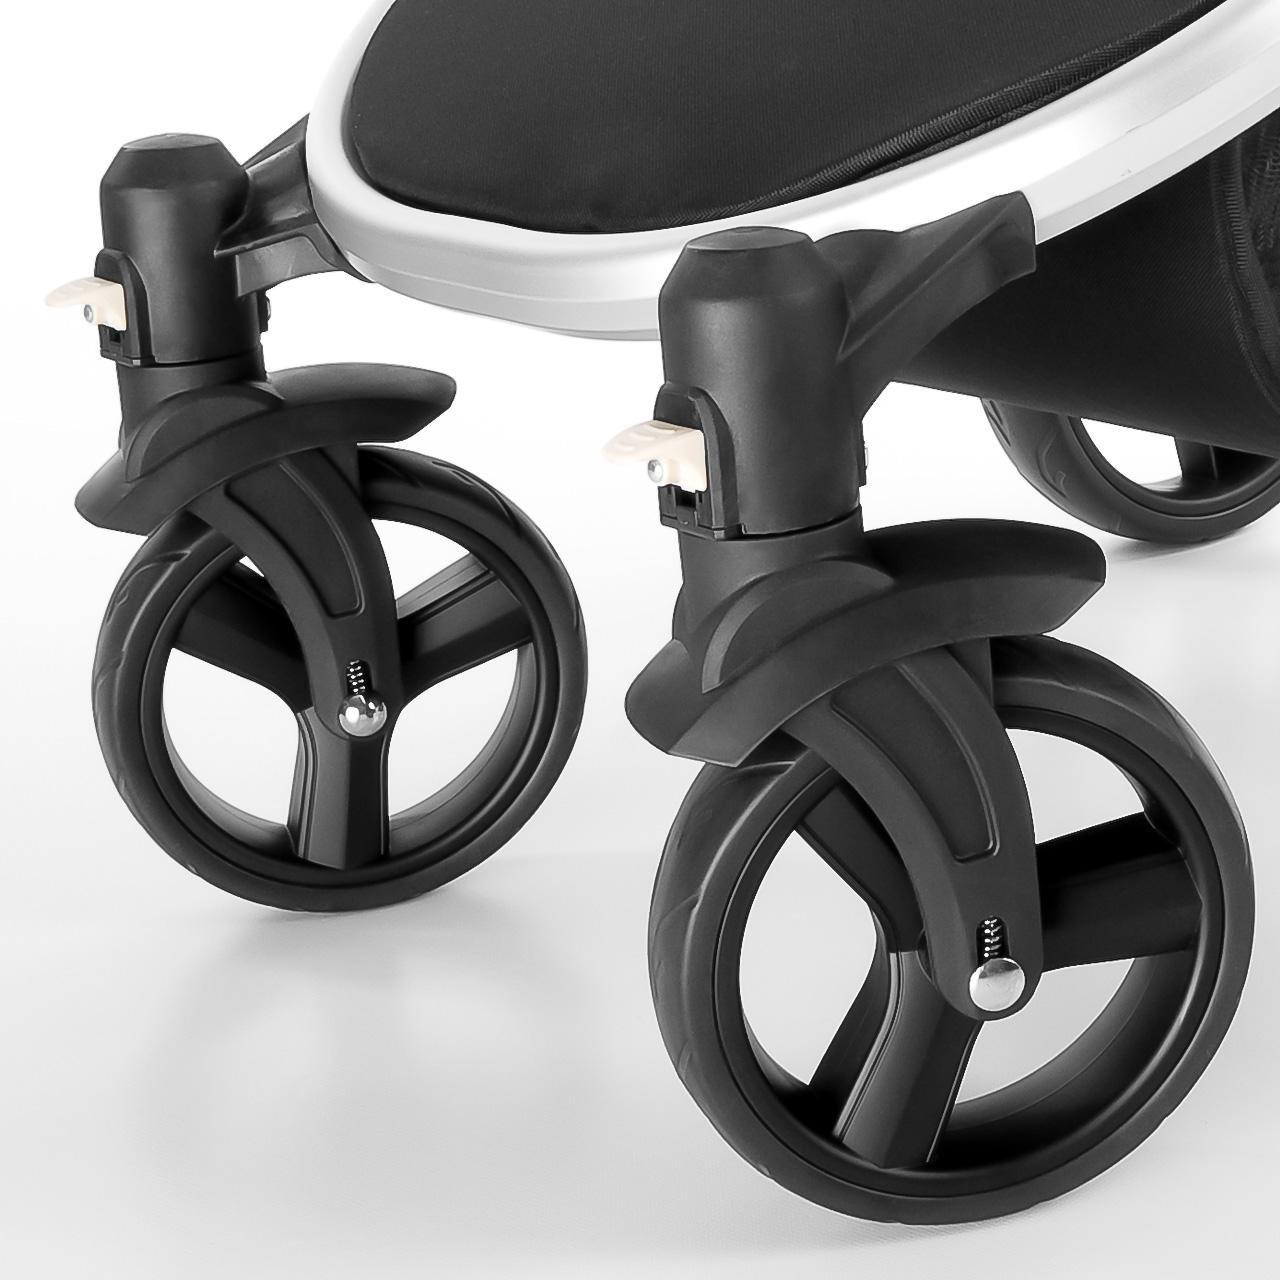 2 x Vorderrad f/ür MAGICA Froggy Kinderwagen Original Vorderr/äder aus Kunststoff Ersatzr/äder R/äder Kombikinderwagen Rad Kinderwagenrad